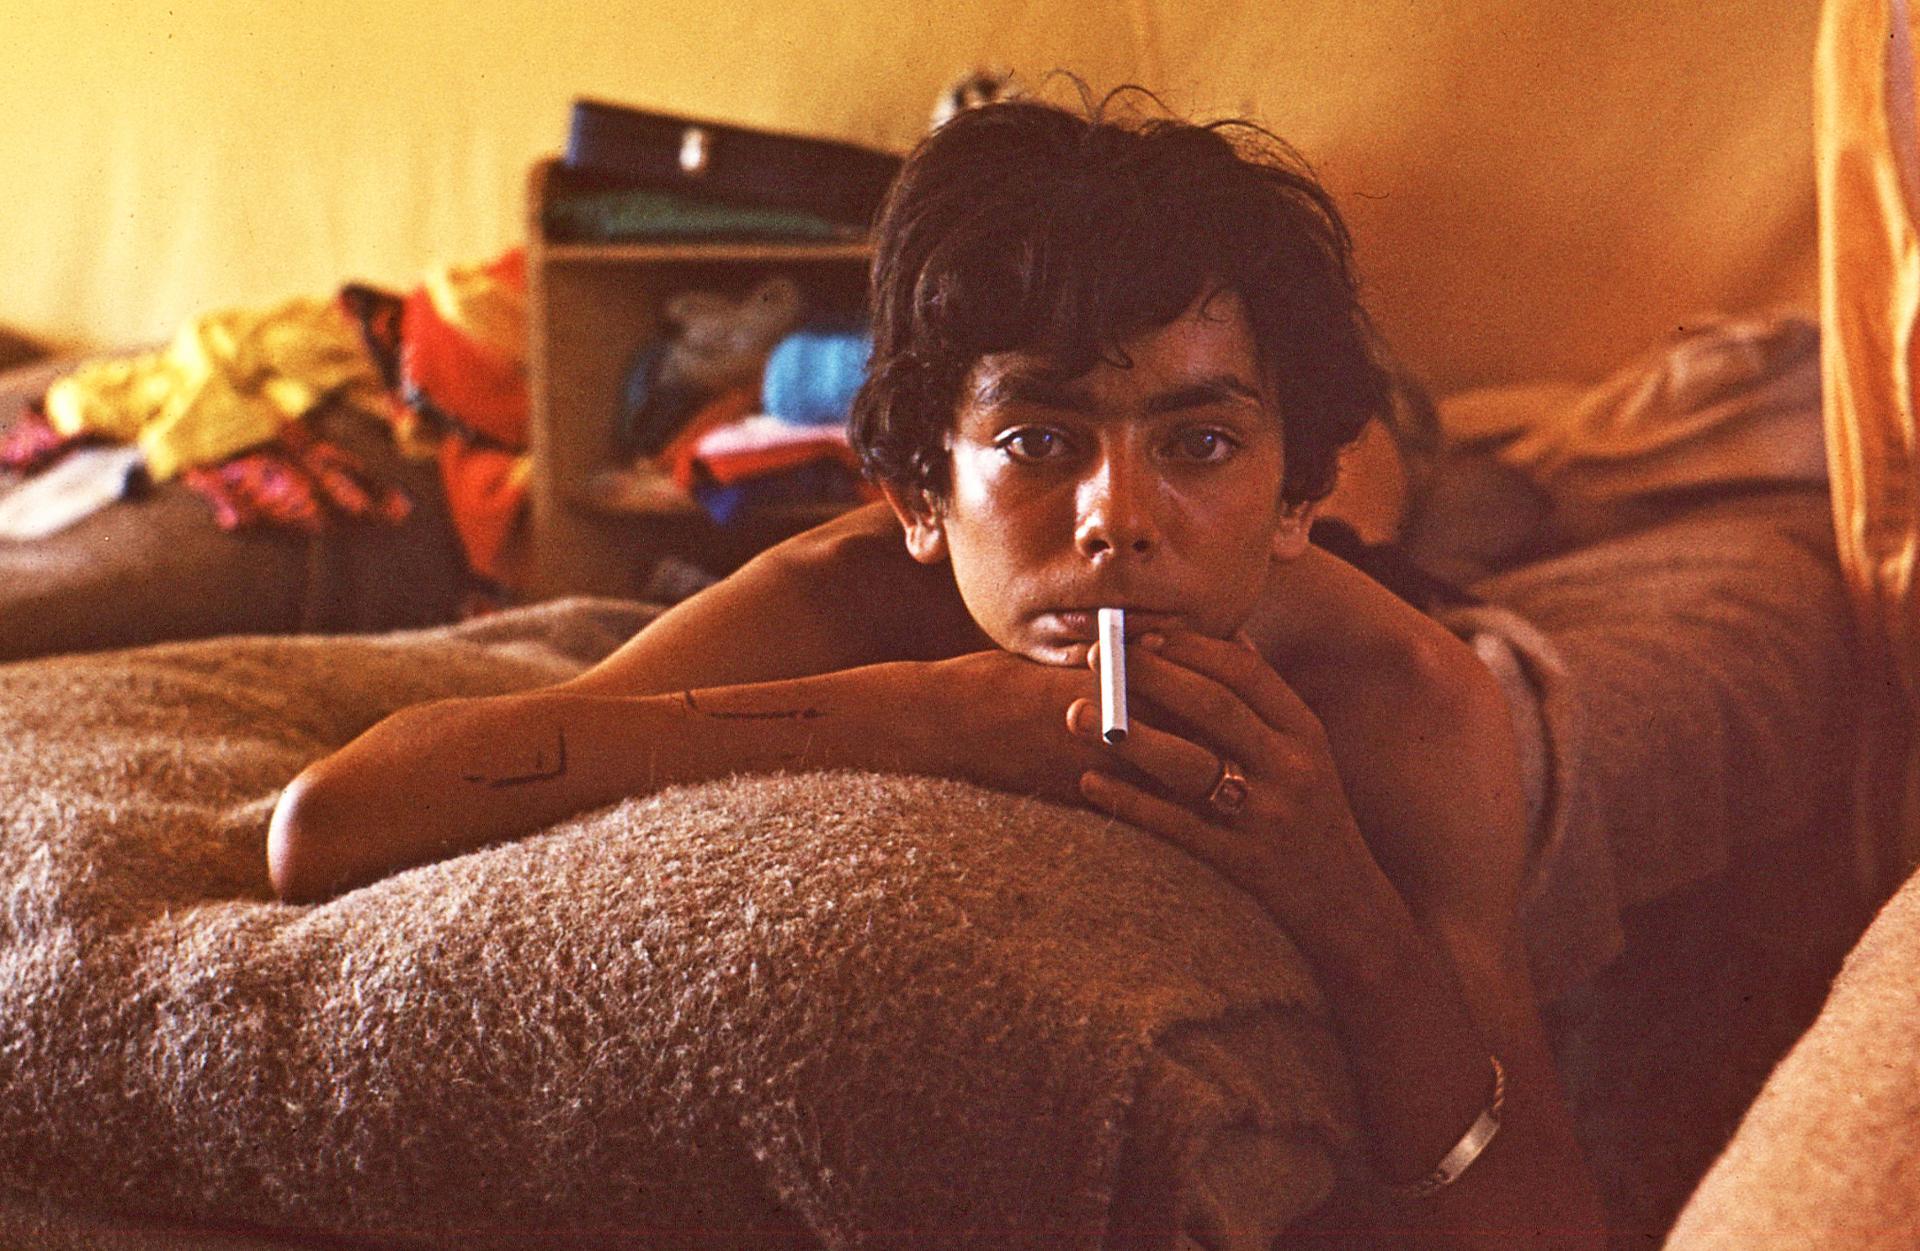 ado 1970 c.jpg - Scarifications et cigarette